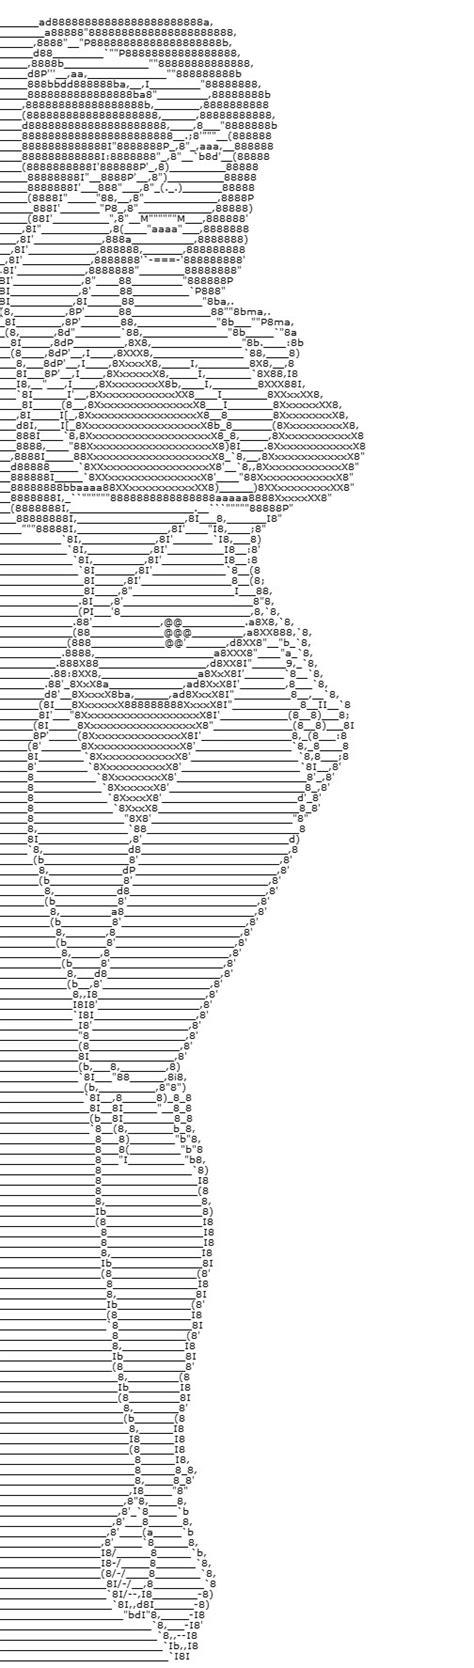 imagenes formadas por letras y simbolos ejemplos de dibujos y figuras del arte ascii para usar en